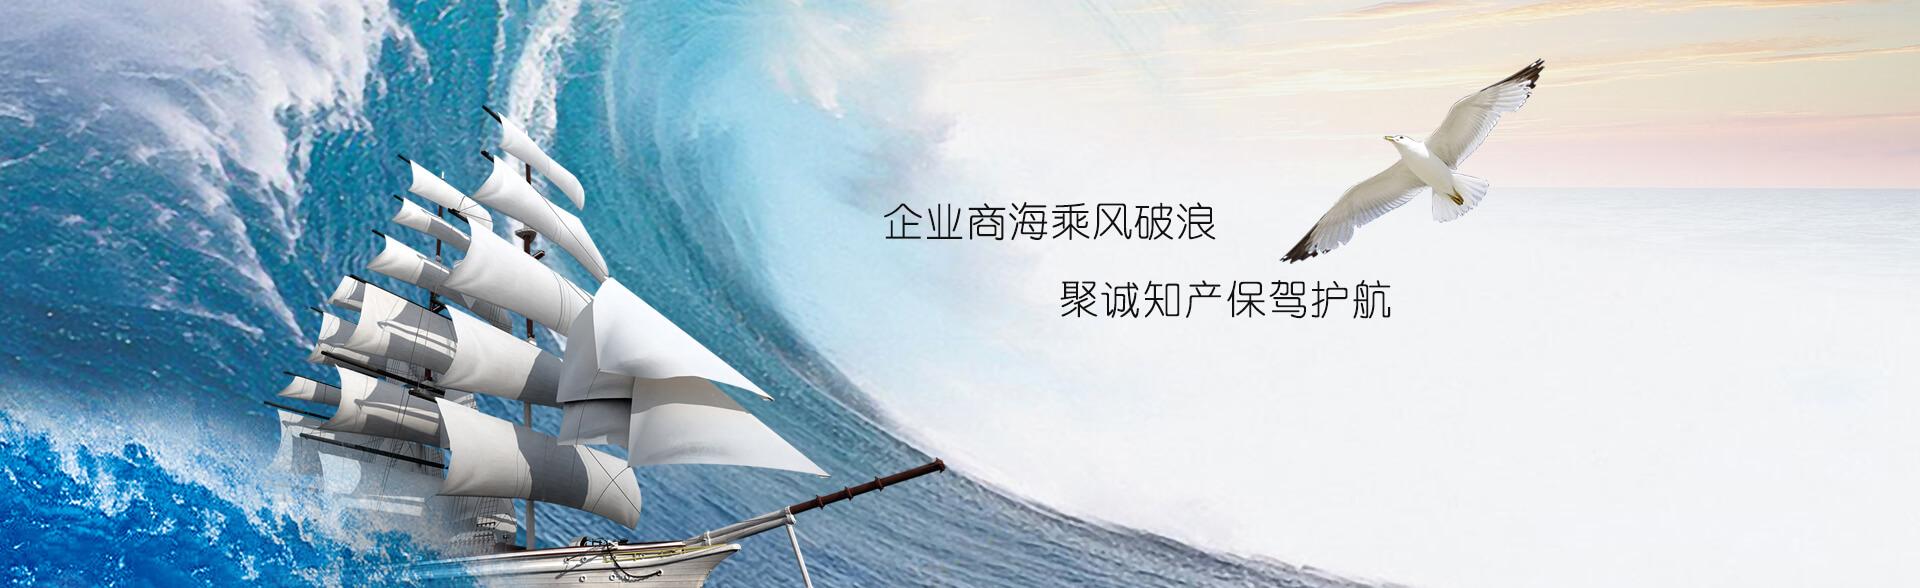 西安商标注册,西安专利申请_行业动态 第2页_第四张图片